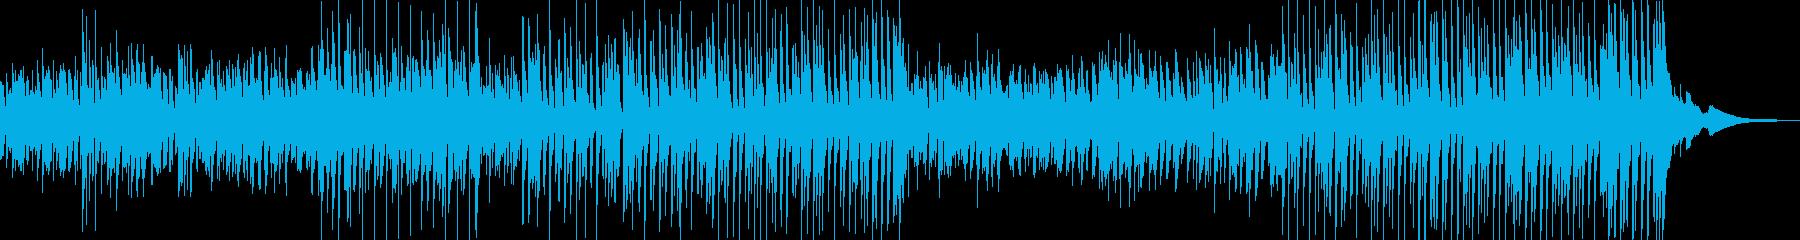 子供でかわいい曲の再生済みの波形